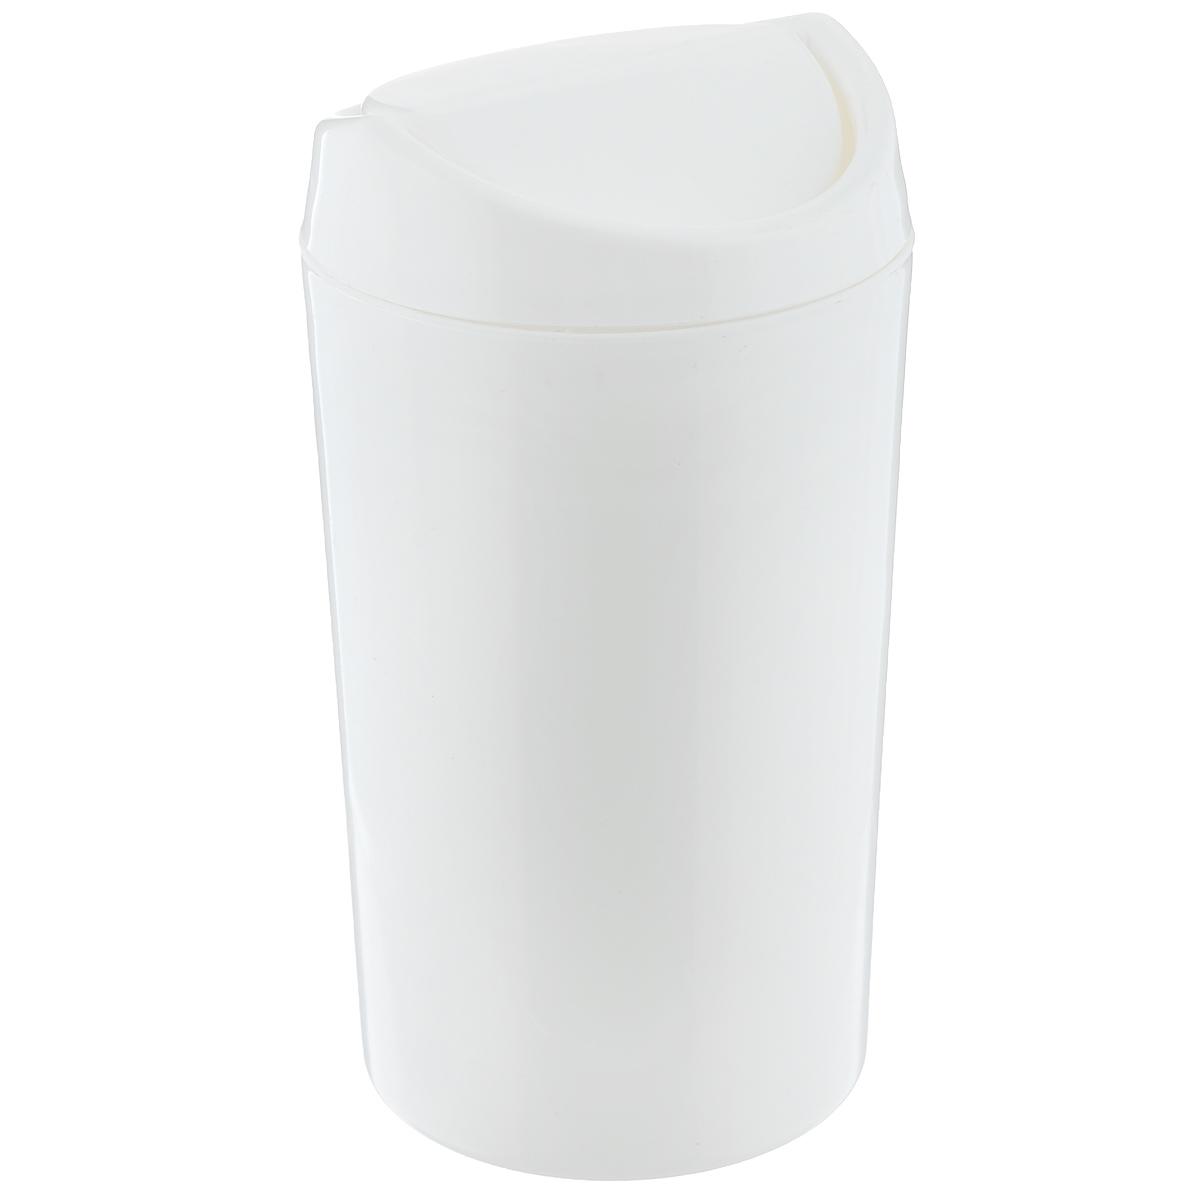 Контейнер для мусора Бытпласт, цвет: белый, 1,25 л531-105Однотонный контейнер для мусора Бытпласт изготовлен из прочного пластика. Такой аксессуар очень удобен в использовании как дома, так и в офисе. Контейнер снабжен удобной поворачивающейся крышкой. Стильный дизайн сделает его прекрасным украшением интерьера.